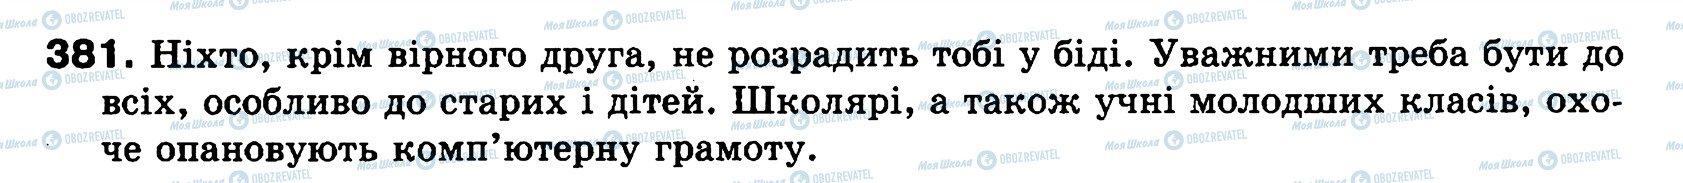 ГДЗ Українська мова 8 клас сторінка 381